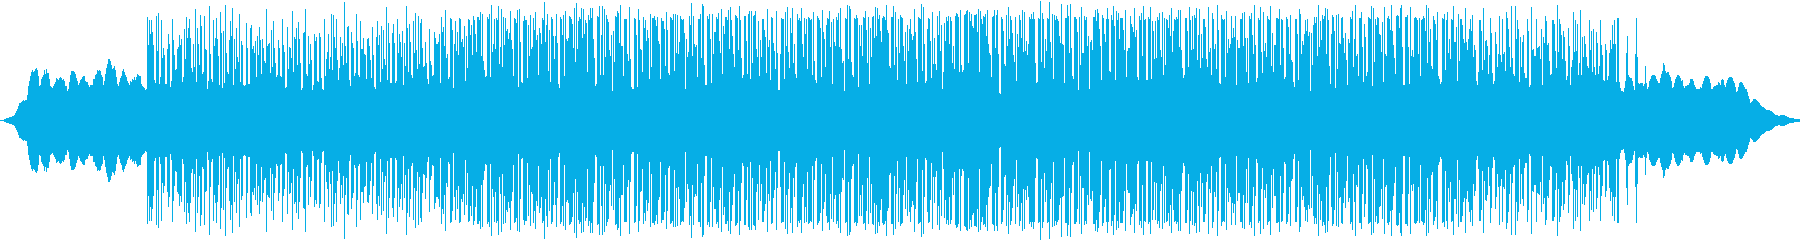 怪しい地下鉄/アウトローなBGMの再生済みの波形